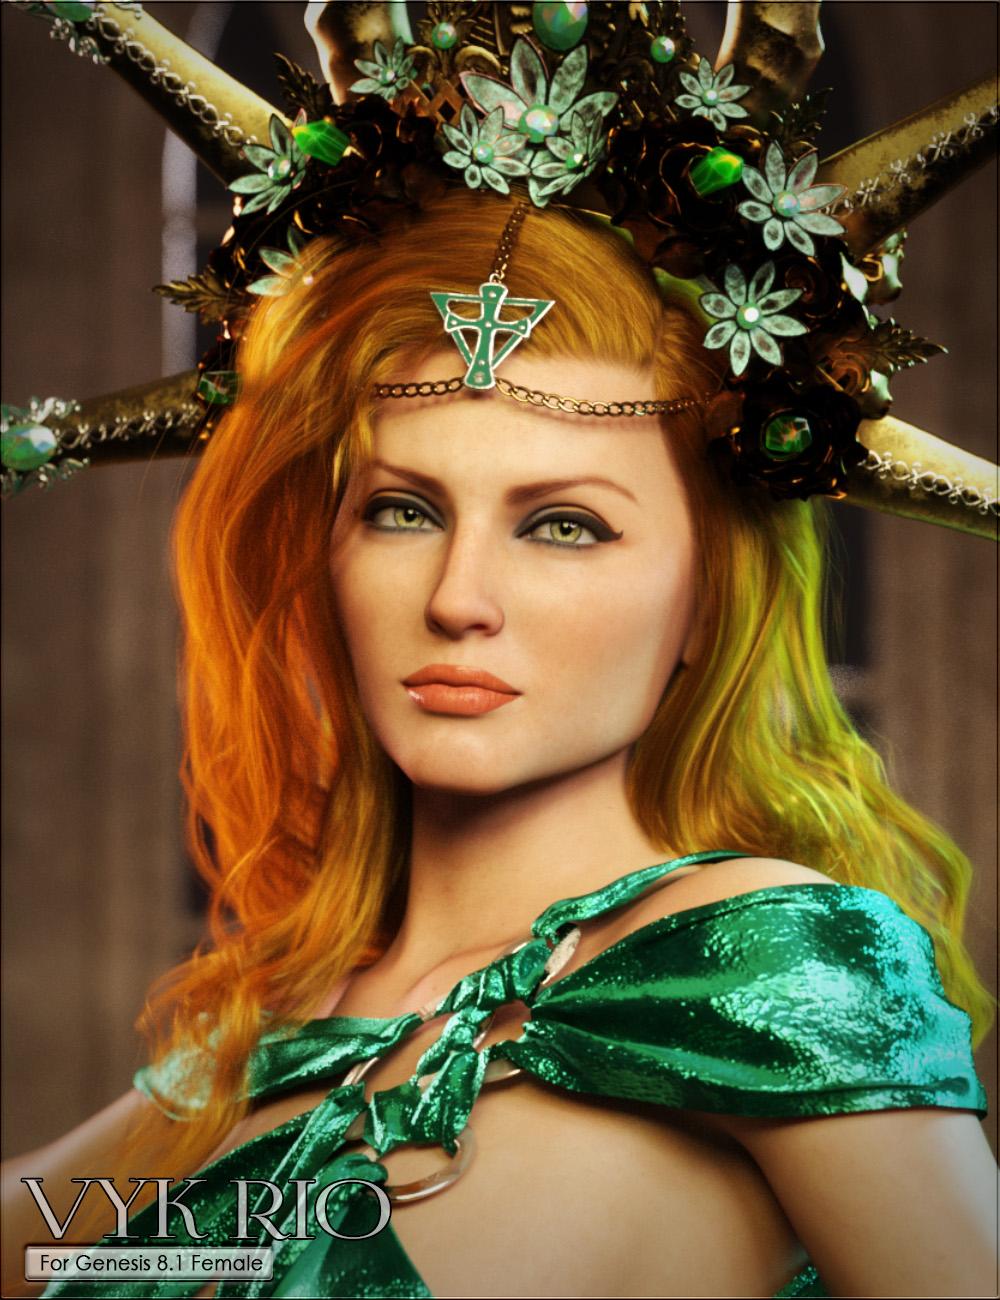 VYK Chelsea for Genesis 8.1 Female by: vyktohria, 3D Models by Daz 3D